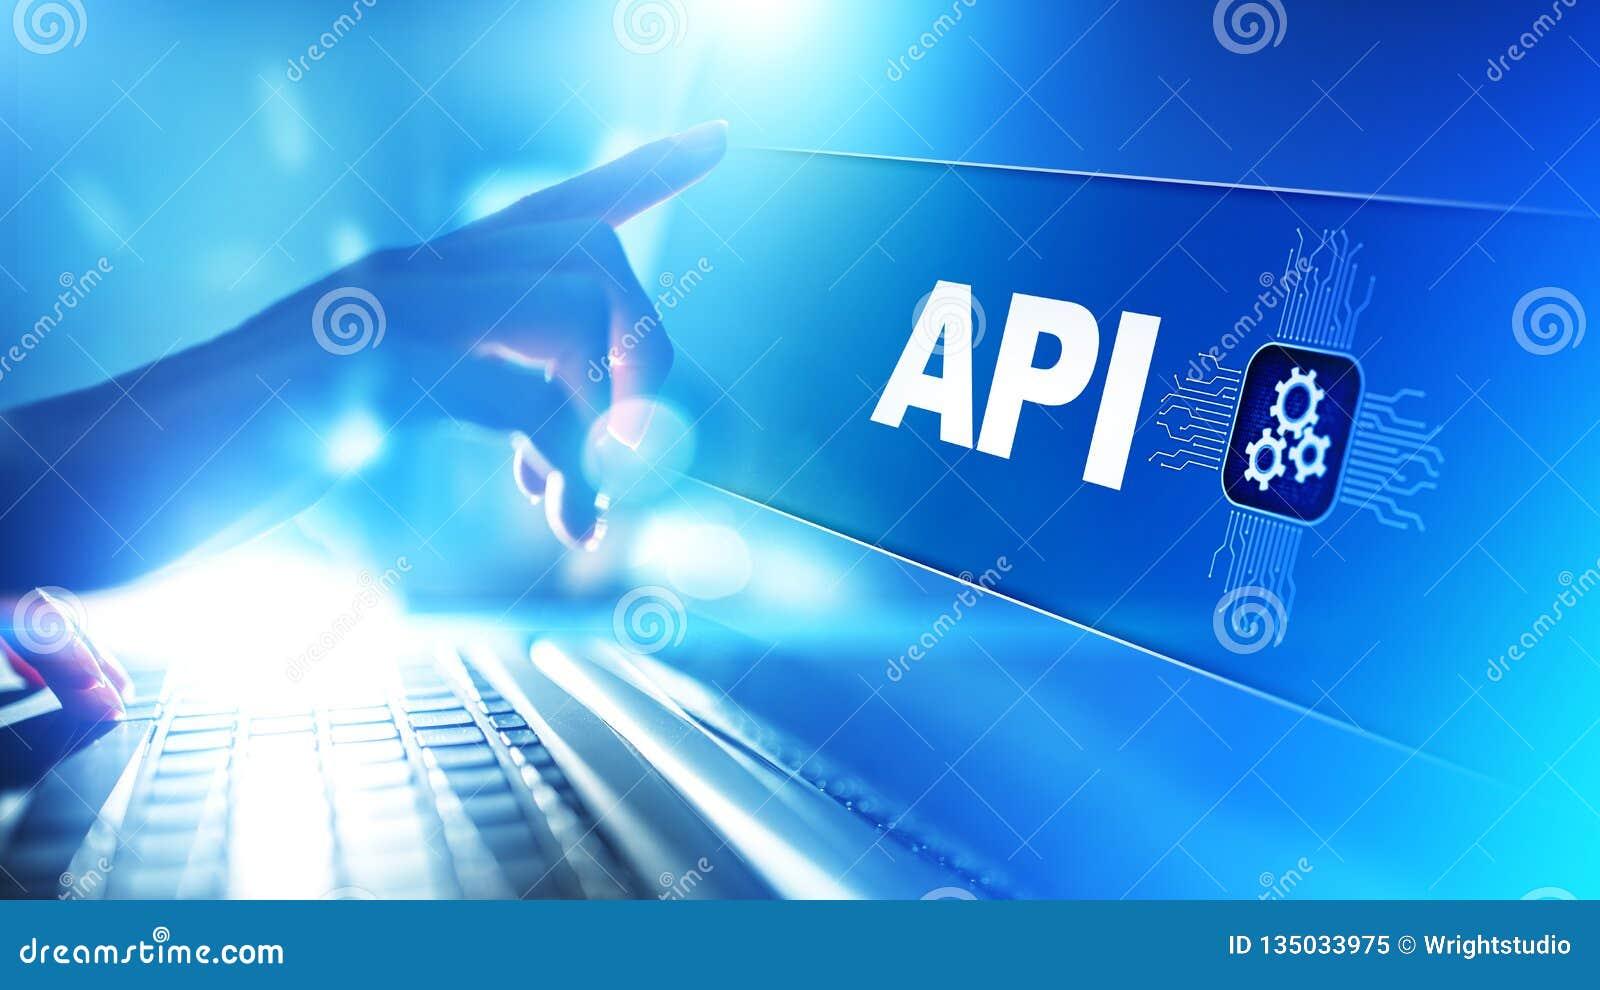 API - Podaniowego programowania interfejs, rozwój oprogramowania narzędzie, technologie informacyjne i biznesu pojęcie,